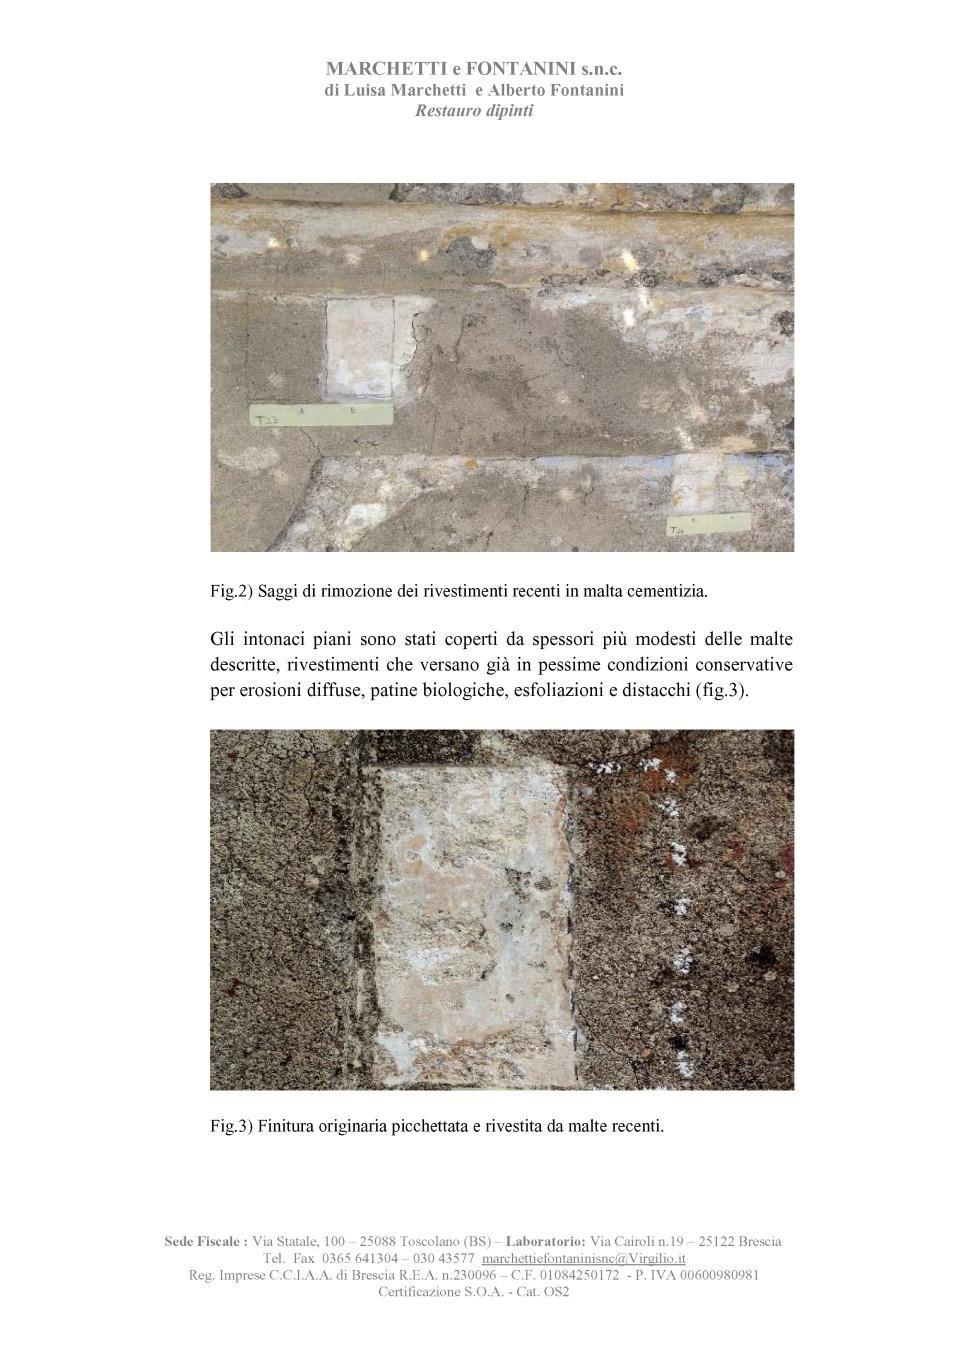 Capraia Isola Facciata S Antonio Relazione finale I Fase Lavori(2) (1)_Page_04